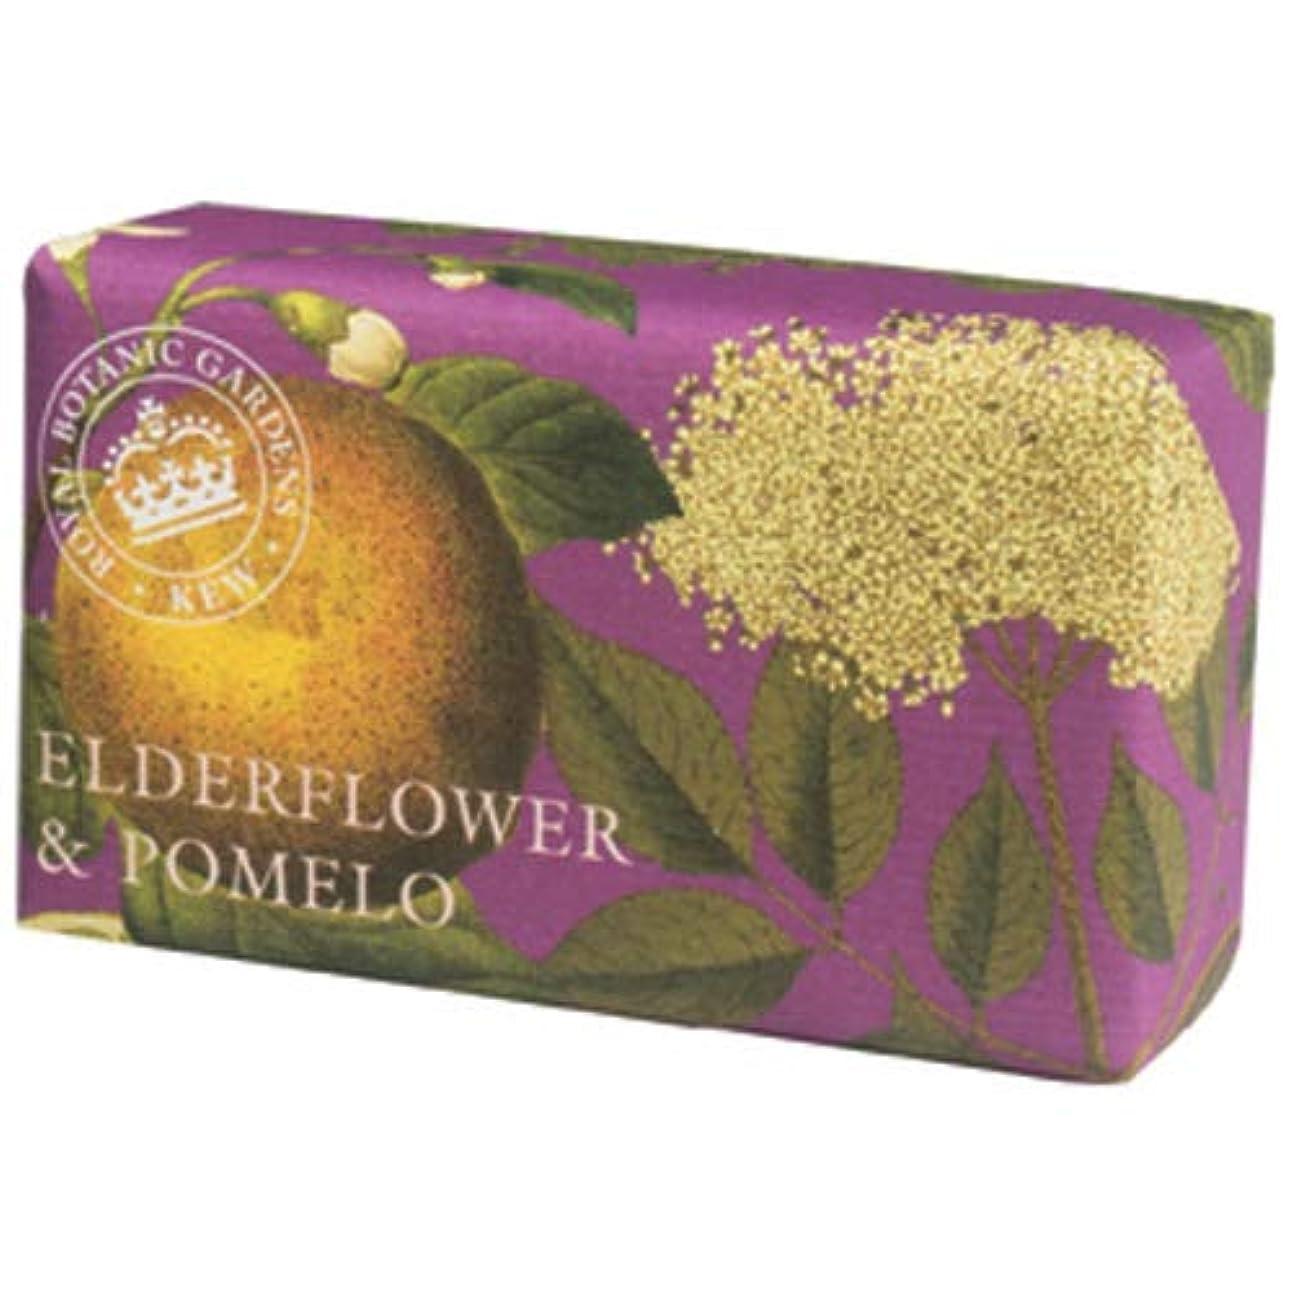 肥沃な筋肉のもっと少なくEnglish Soap Company イングリッシュソープカンパニー KEW GARDEN キュー?ガーデン Luxury Shea Soaps シアソープ Elderflower & Pomelo エルダーフラワー...